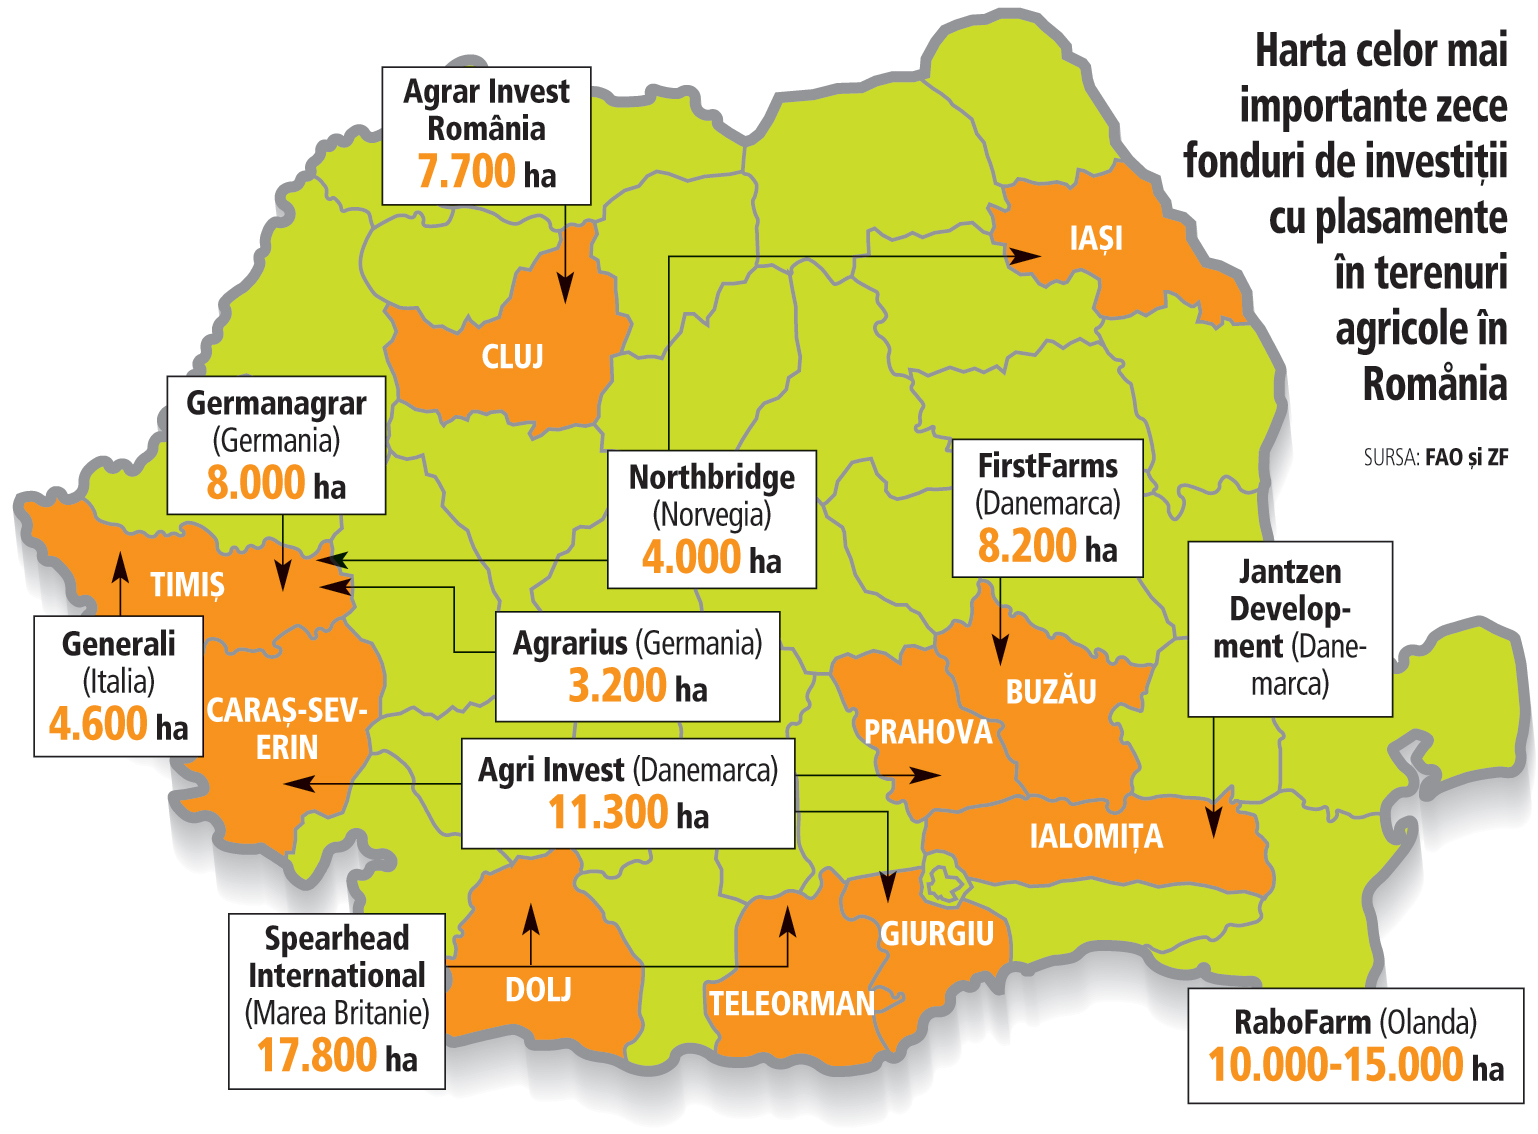 Zece Fonduri De Investiţii Au Terenuri Agricole De 200 Mil Euro